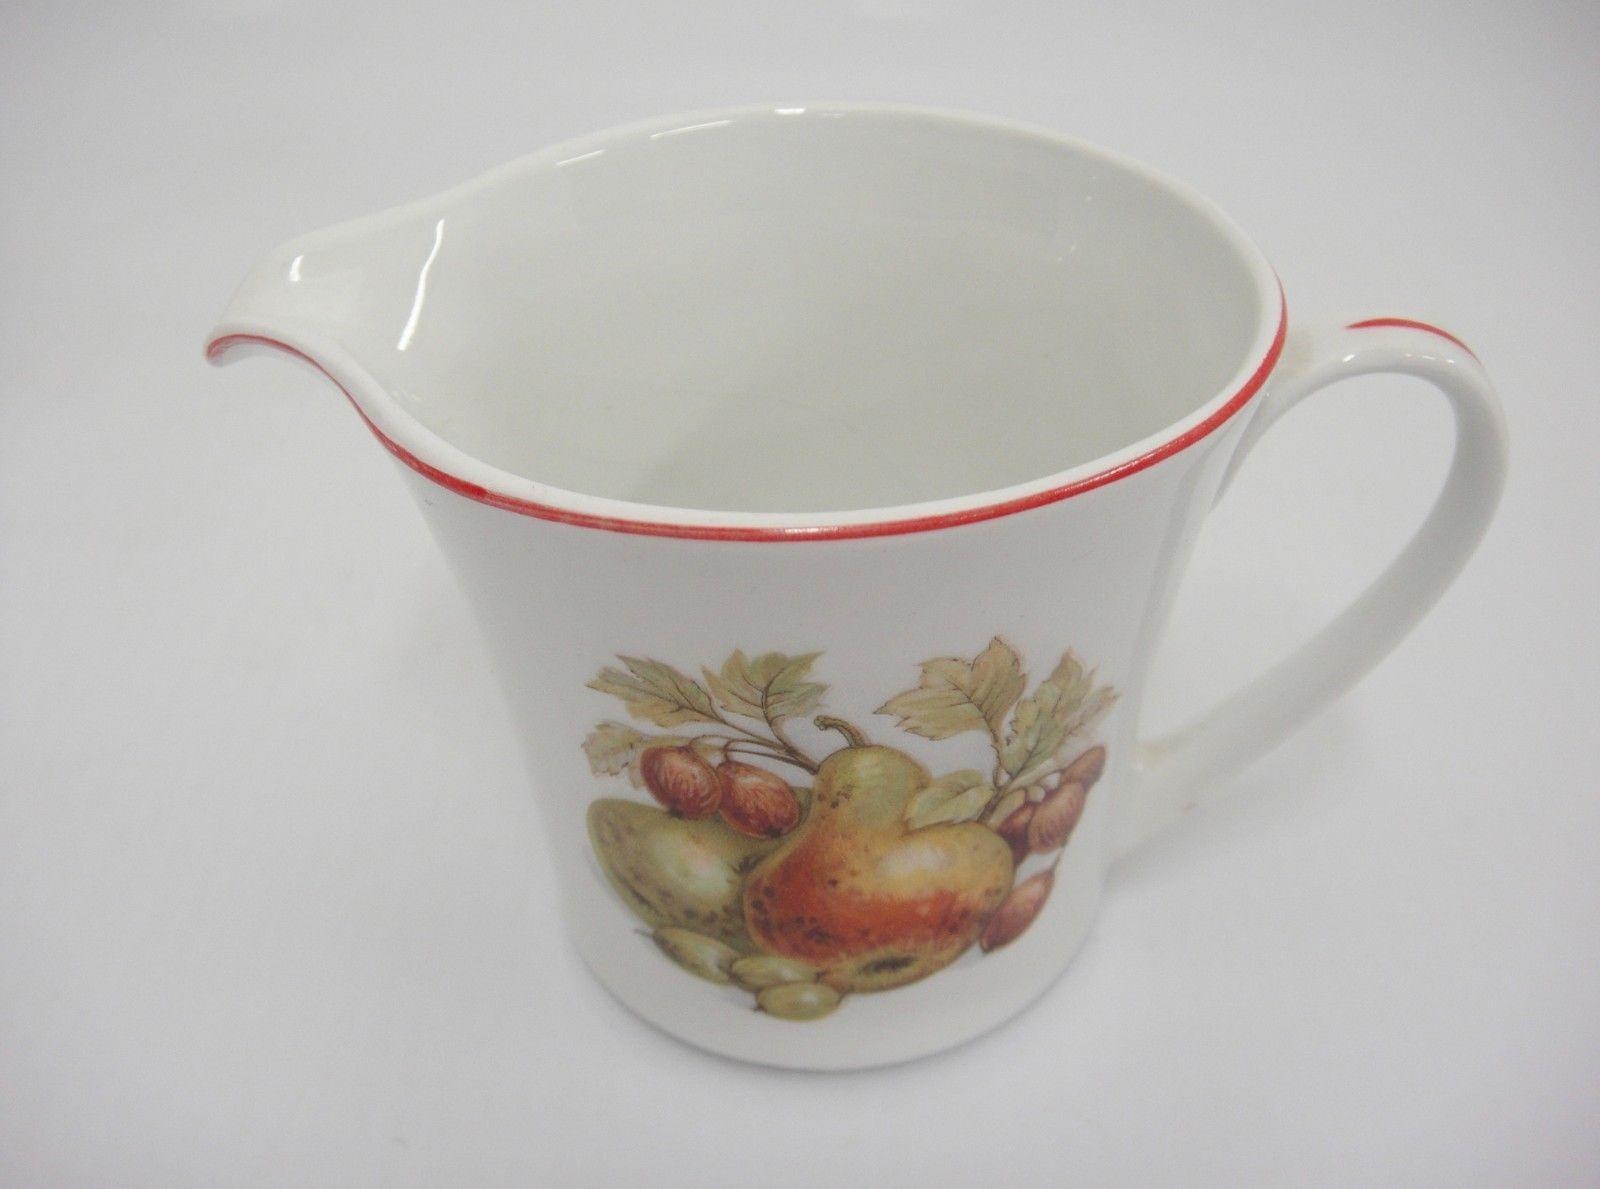 Pontesa Spain Four Cup Coffee Set Pot Sugar and Creamer Fruit Design Red Trim image 8